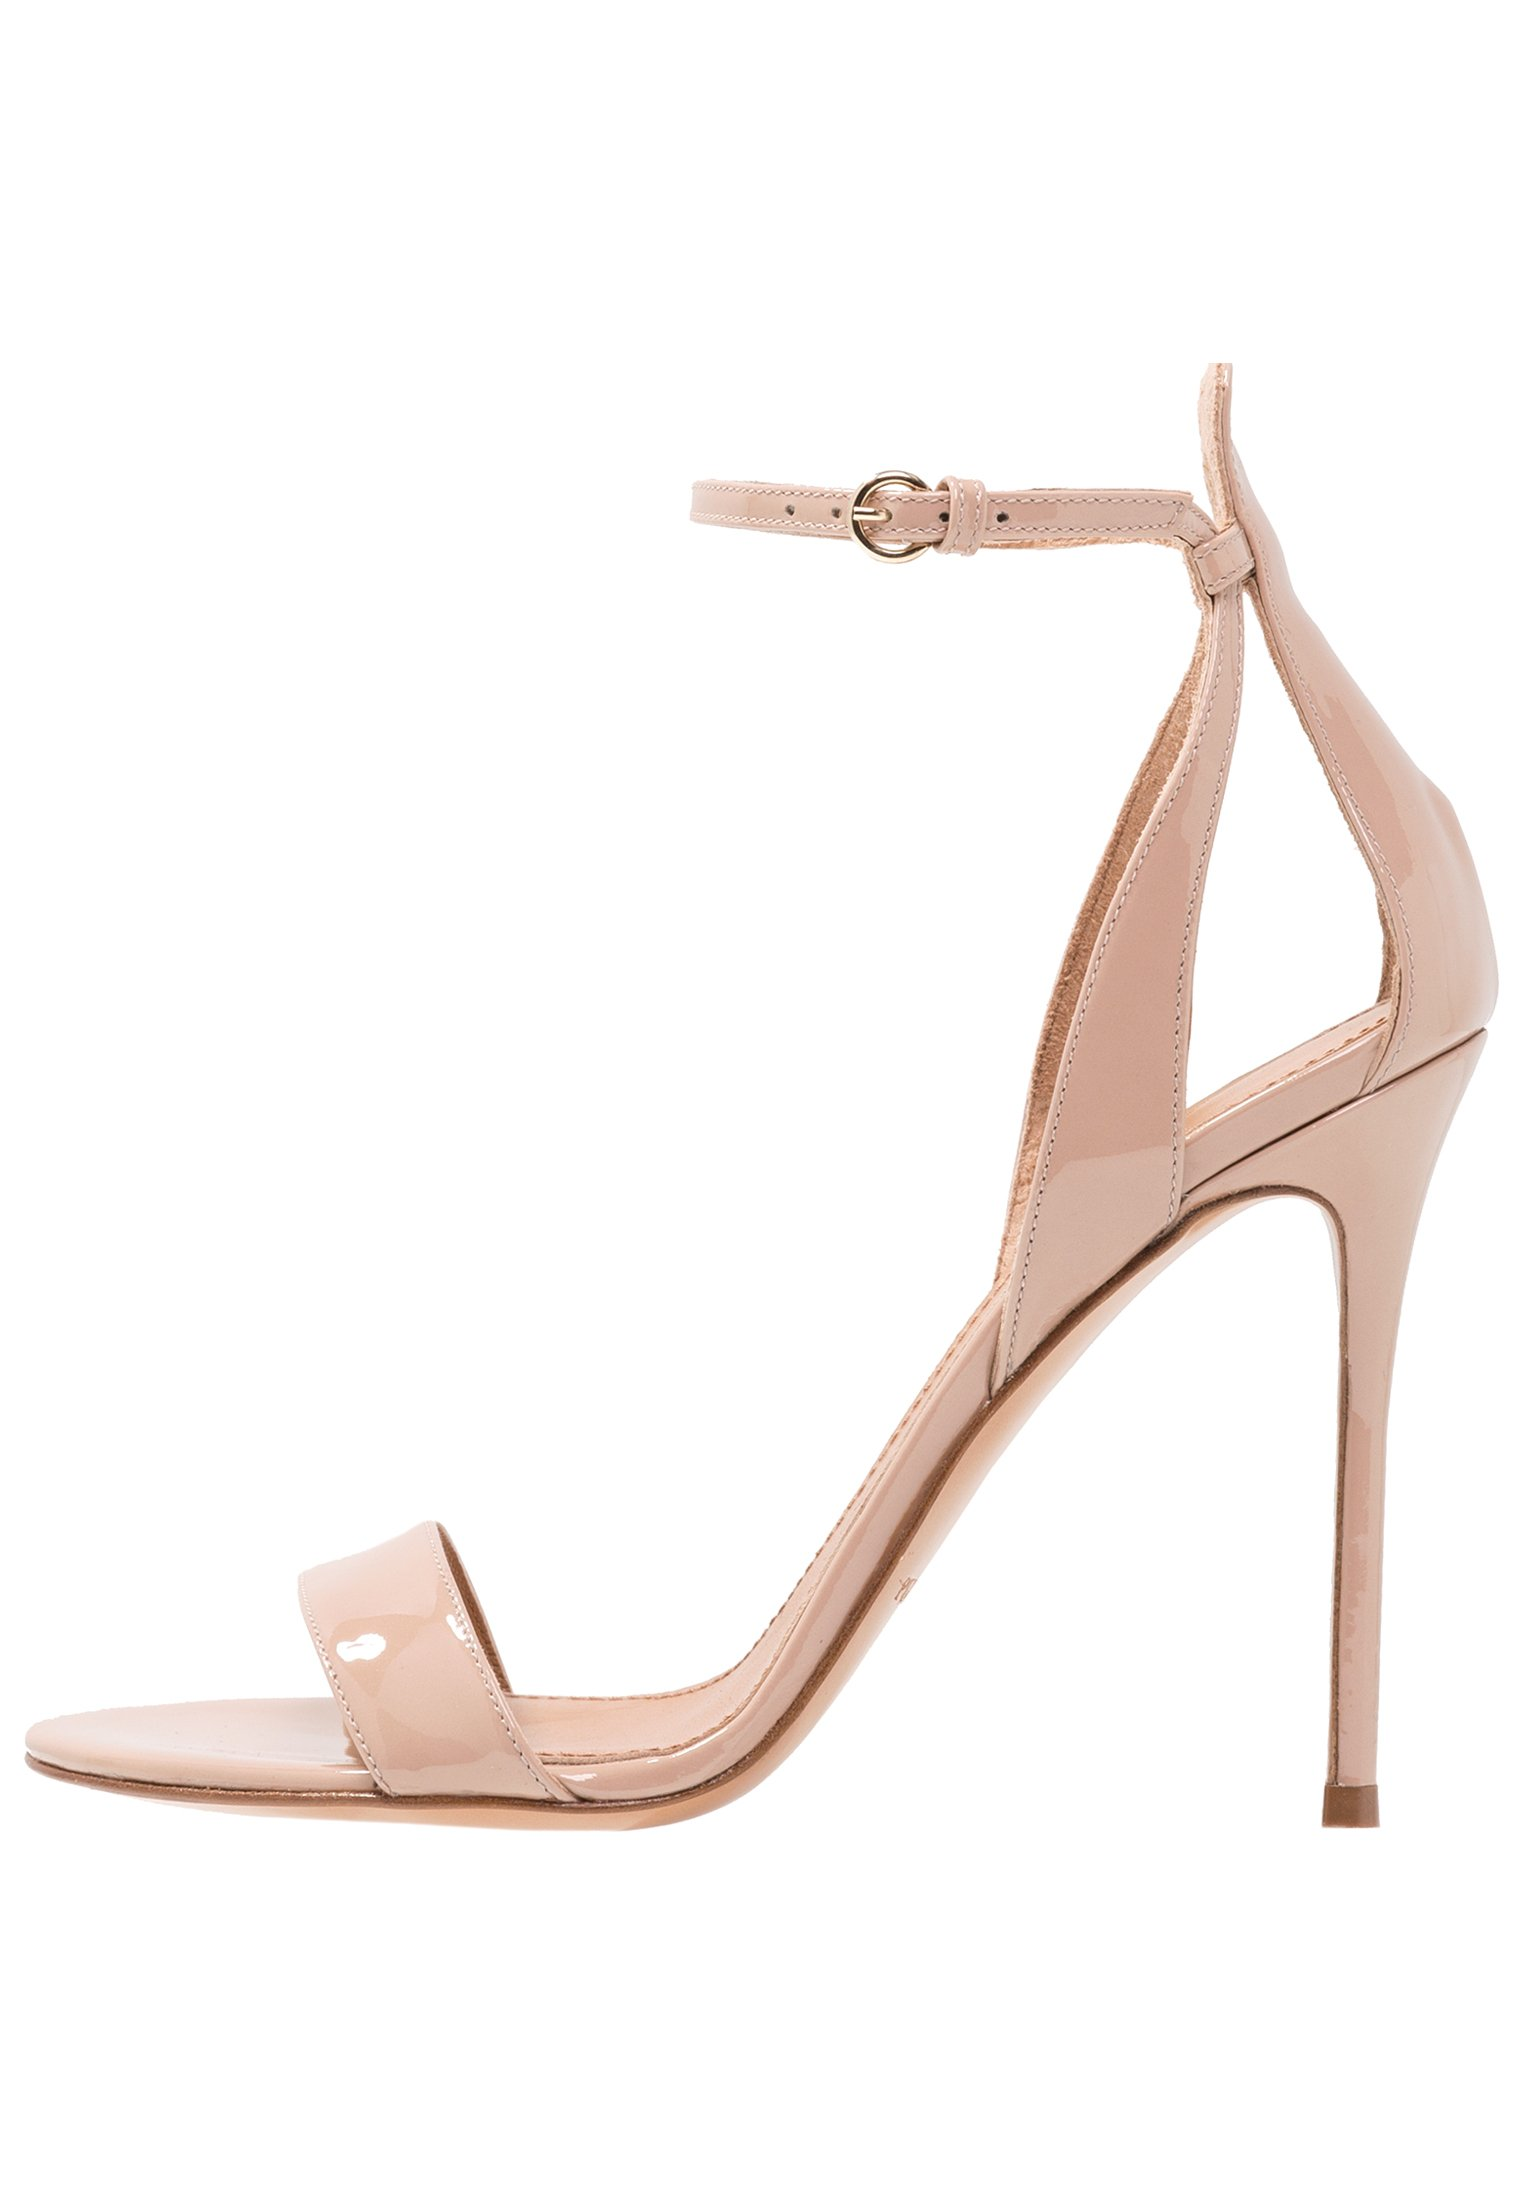 Pura Lopez High Heeled Sandals - Face